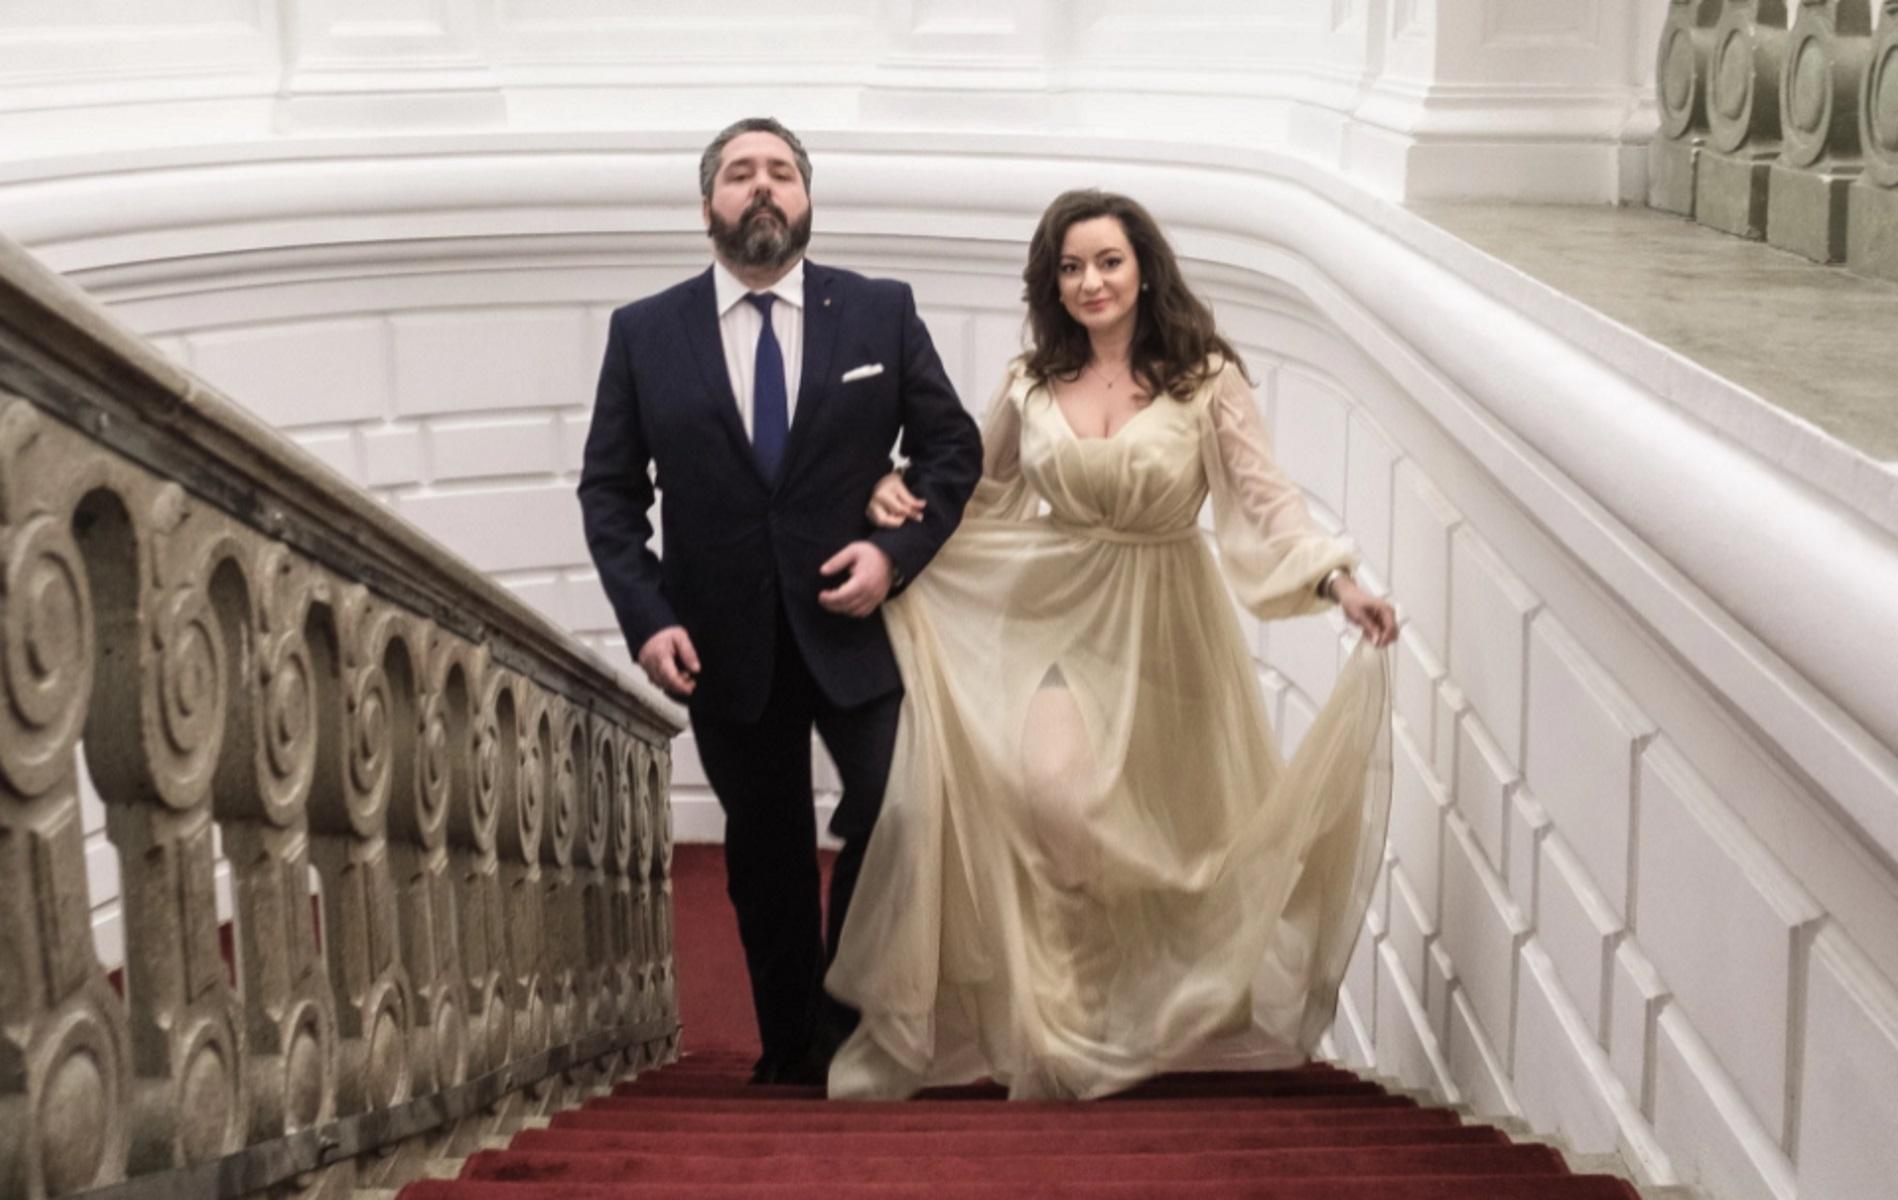 Βασιλικός γάμος στη Ρωσία μετά από έναν αιώνα – Παντρεύεται ο απόγονος του τσάρου Ρομανόφ